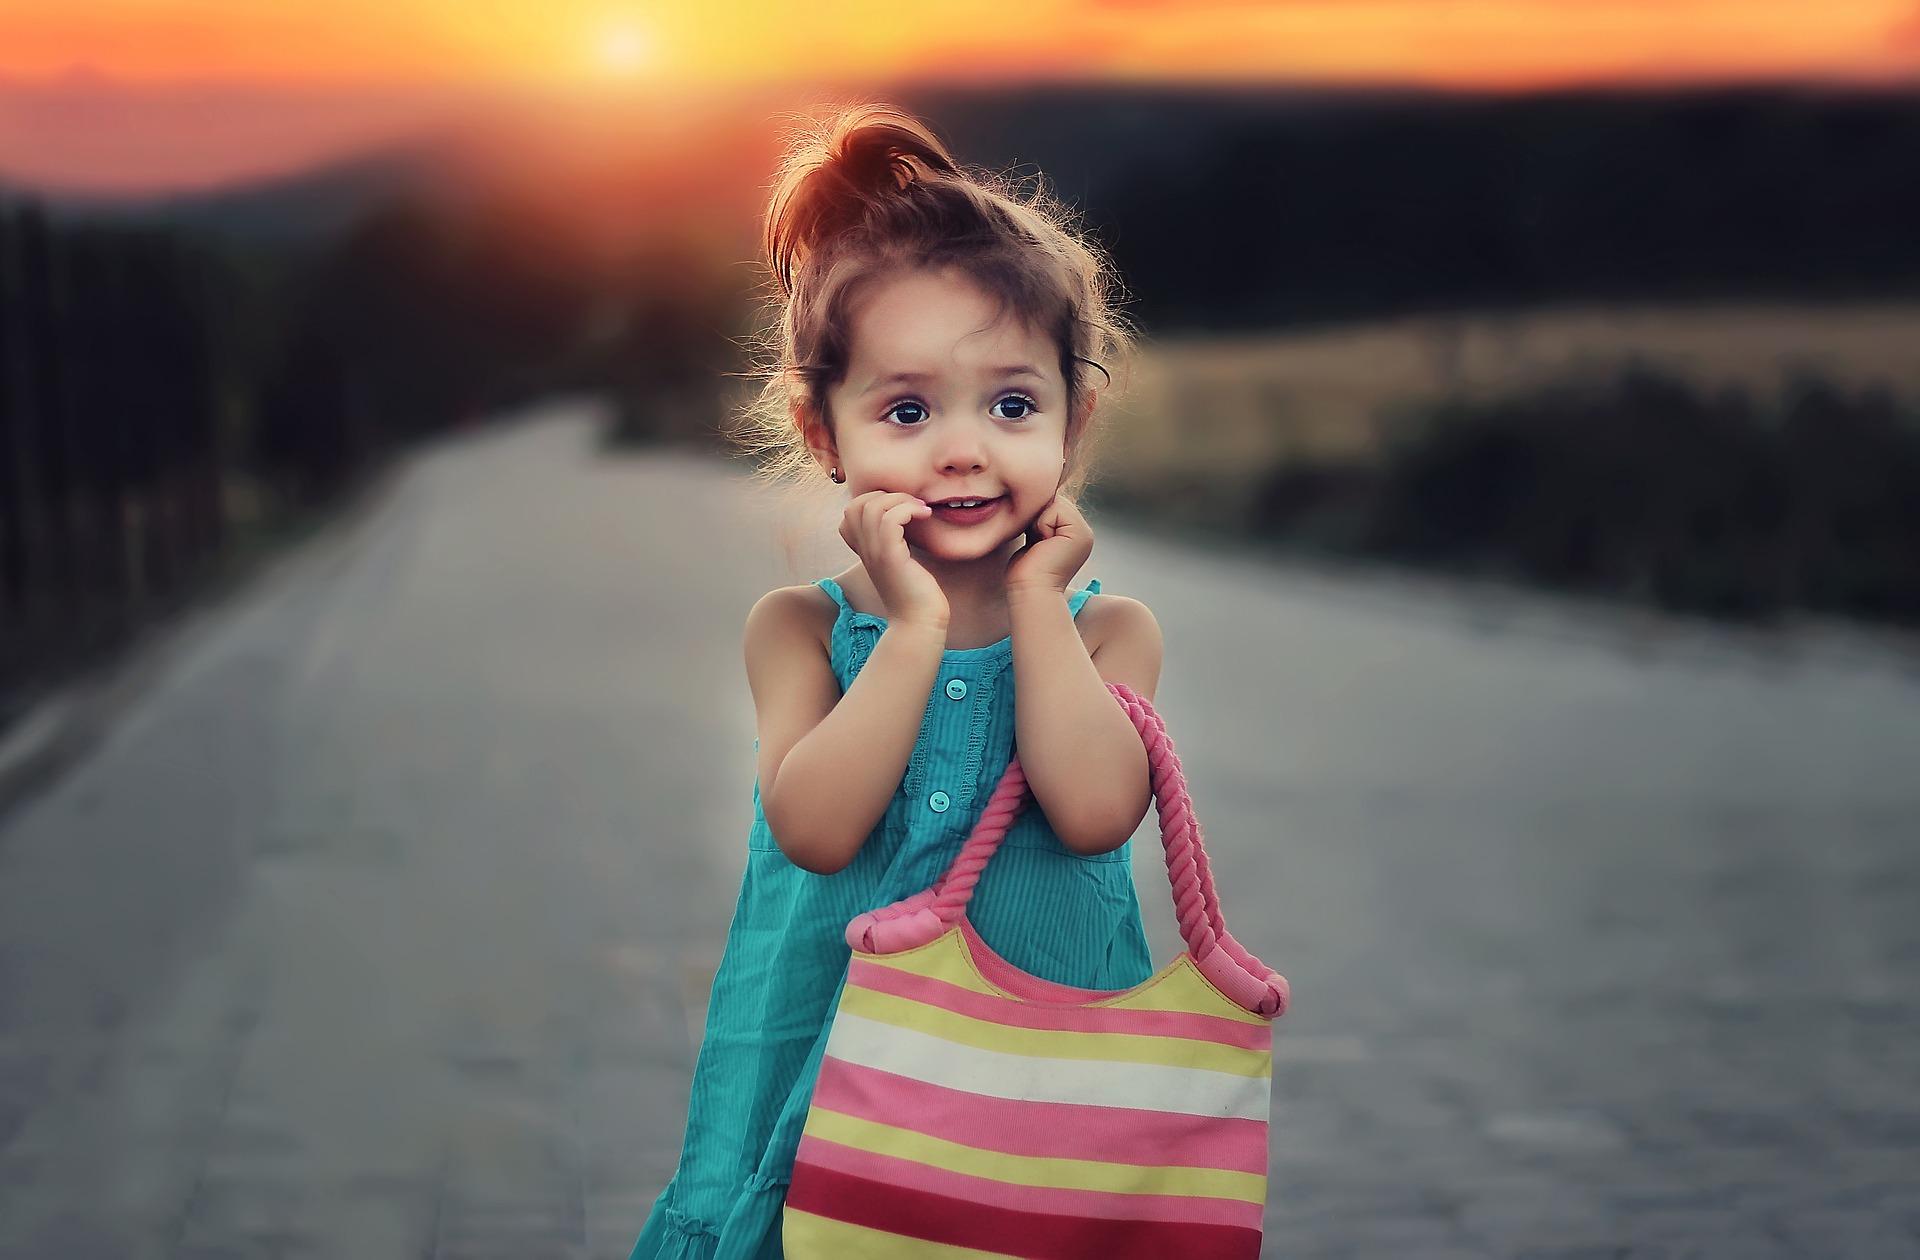 Szeretetképleteket kell írni a gyerekagyba